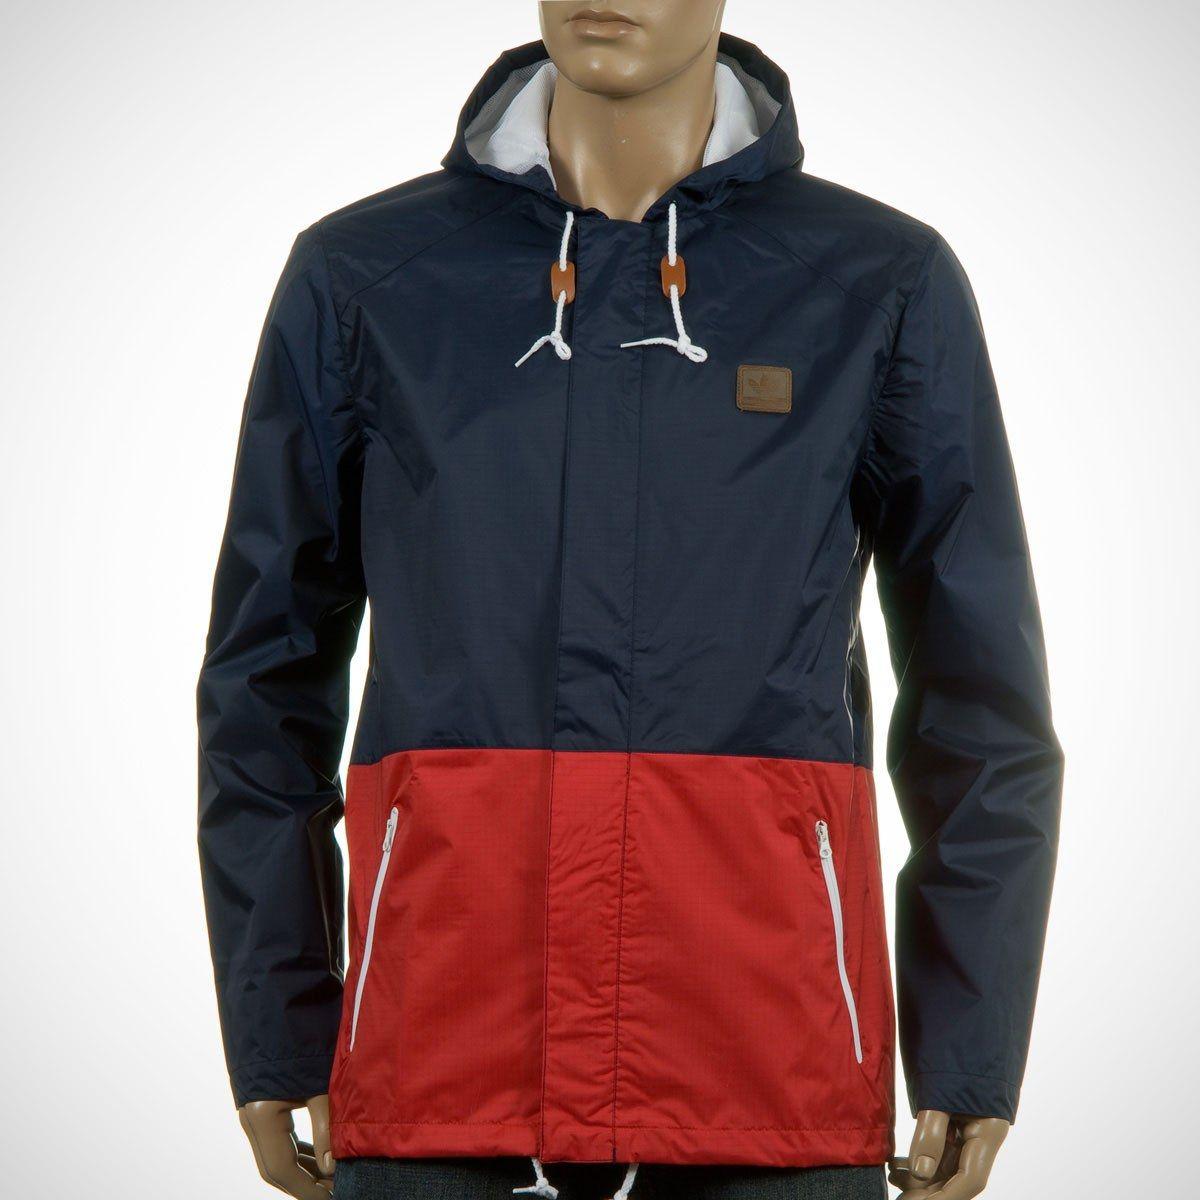 Adidas Windbreak Archive Hooded Jacket Collegiate Navy